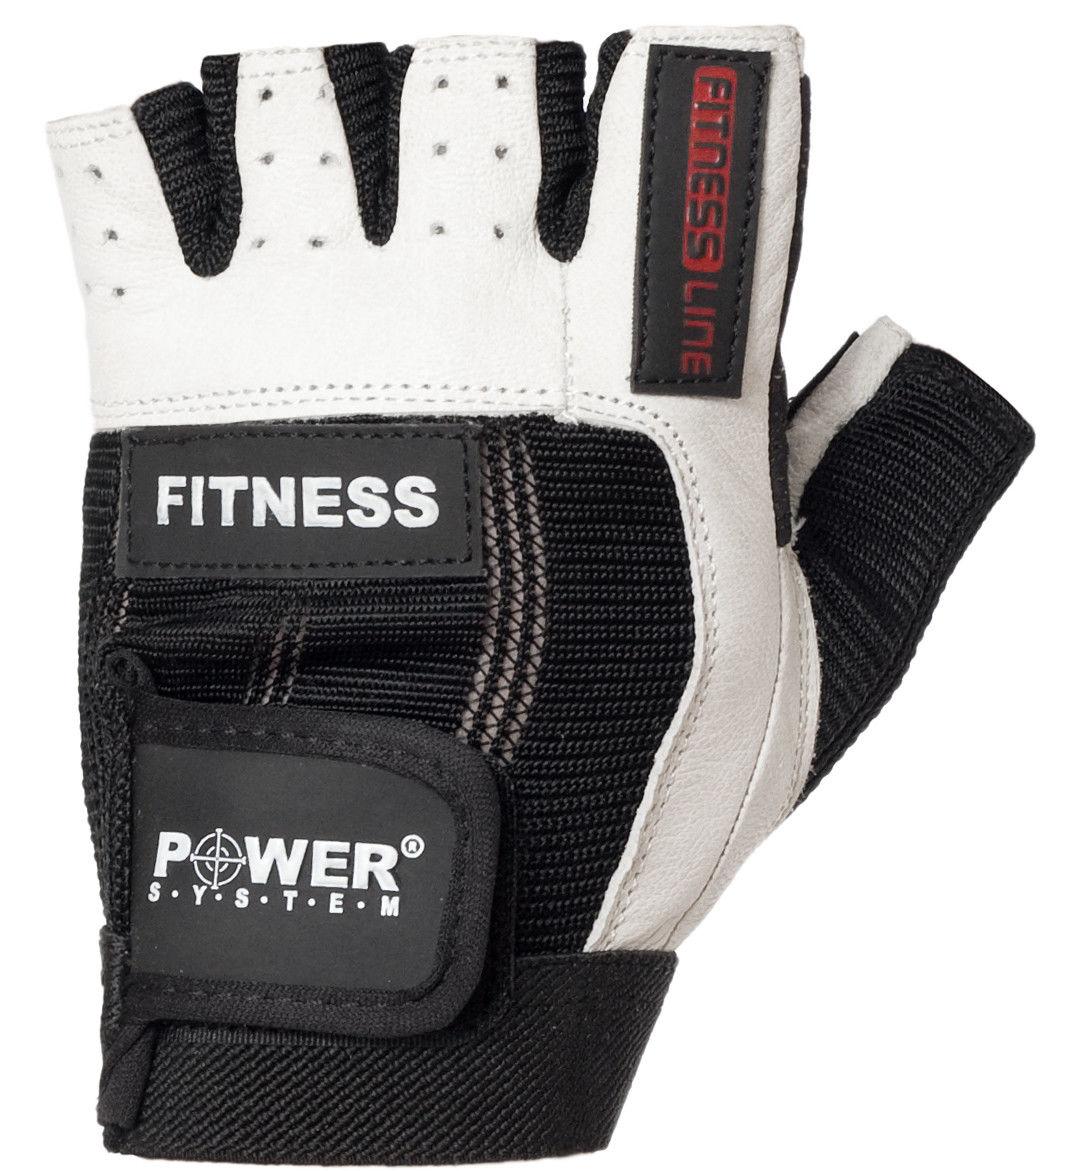 Перчатки Power System Fitness PS-2300 XL, Черный фото видео изображение